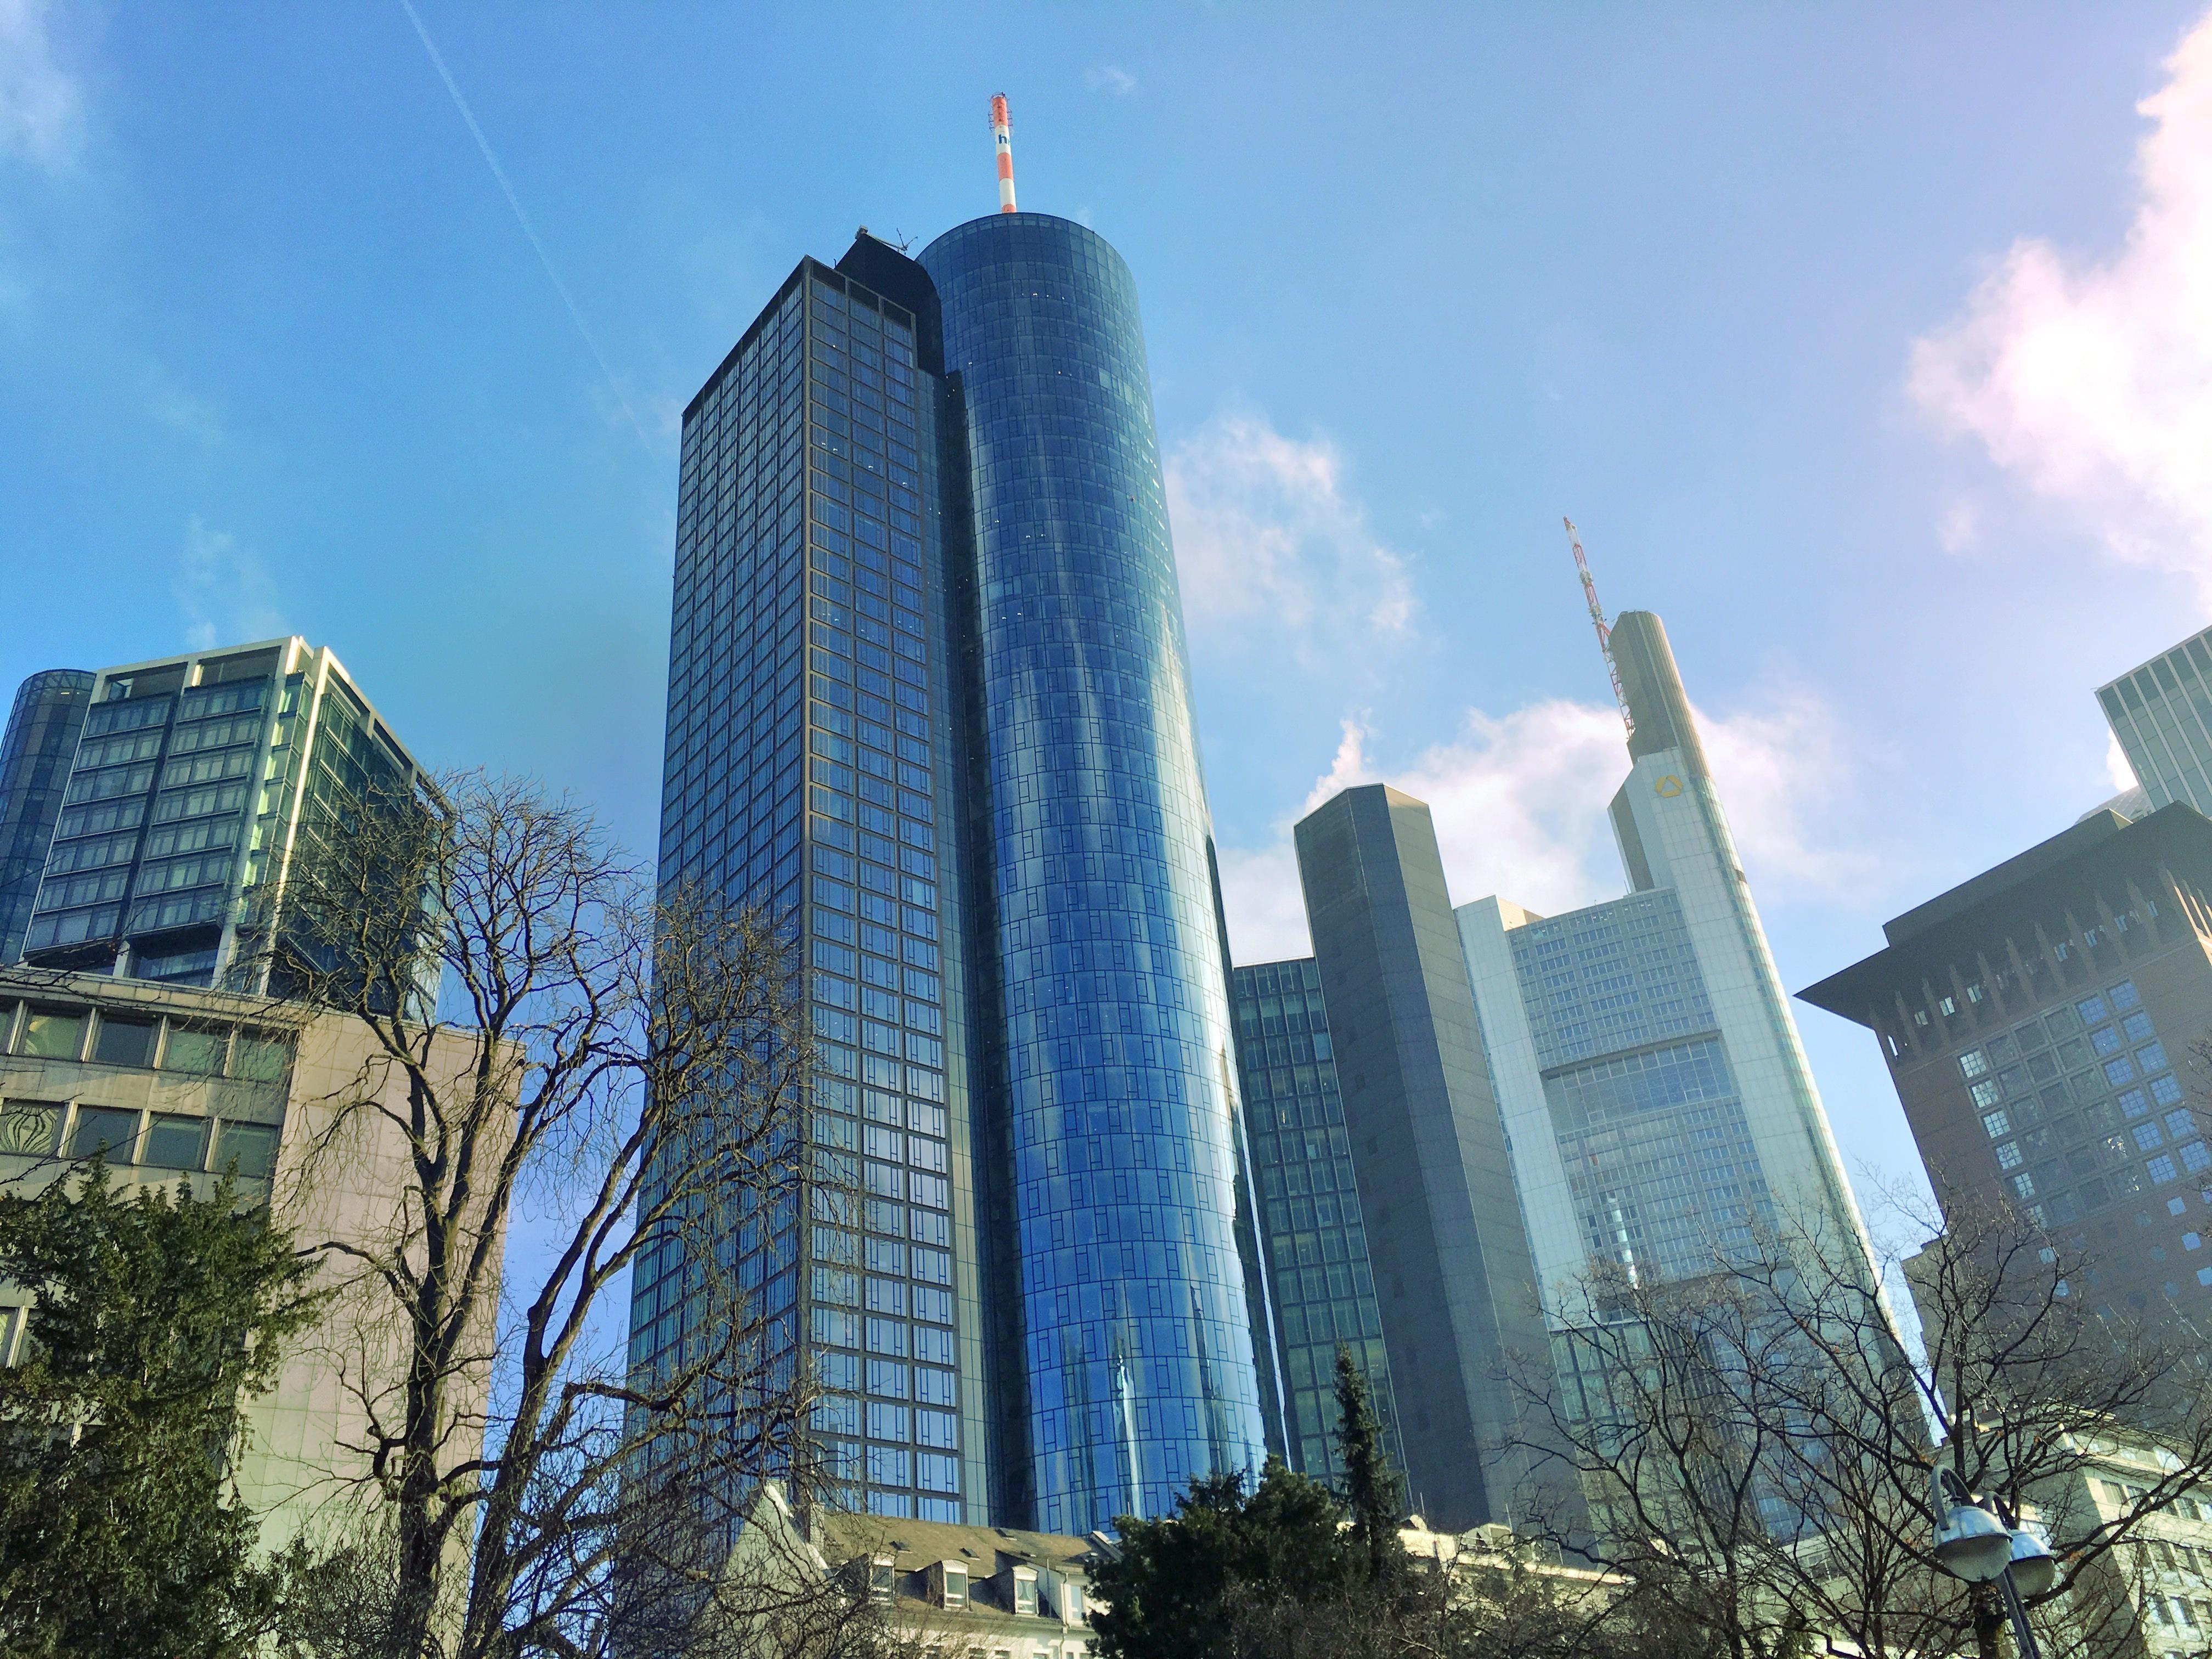 المانيا فرانكفورت اهم الاماكن السياحية برج الماين